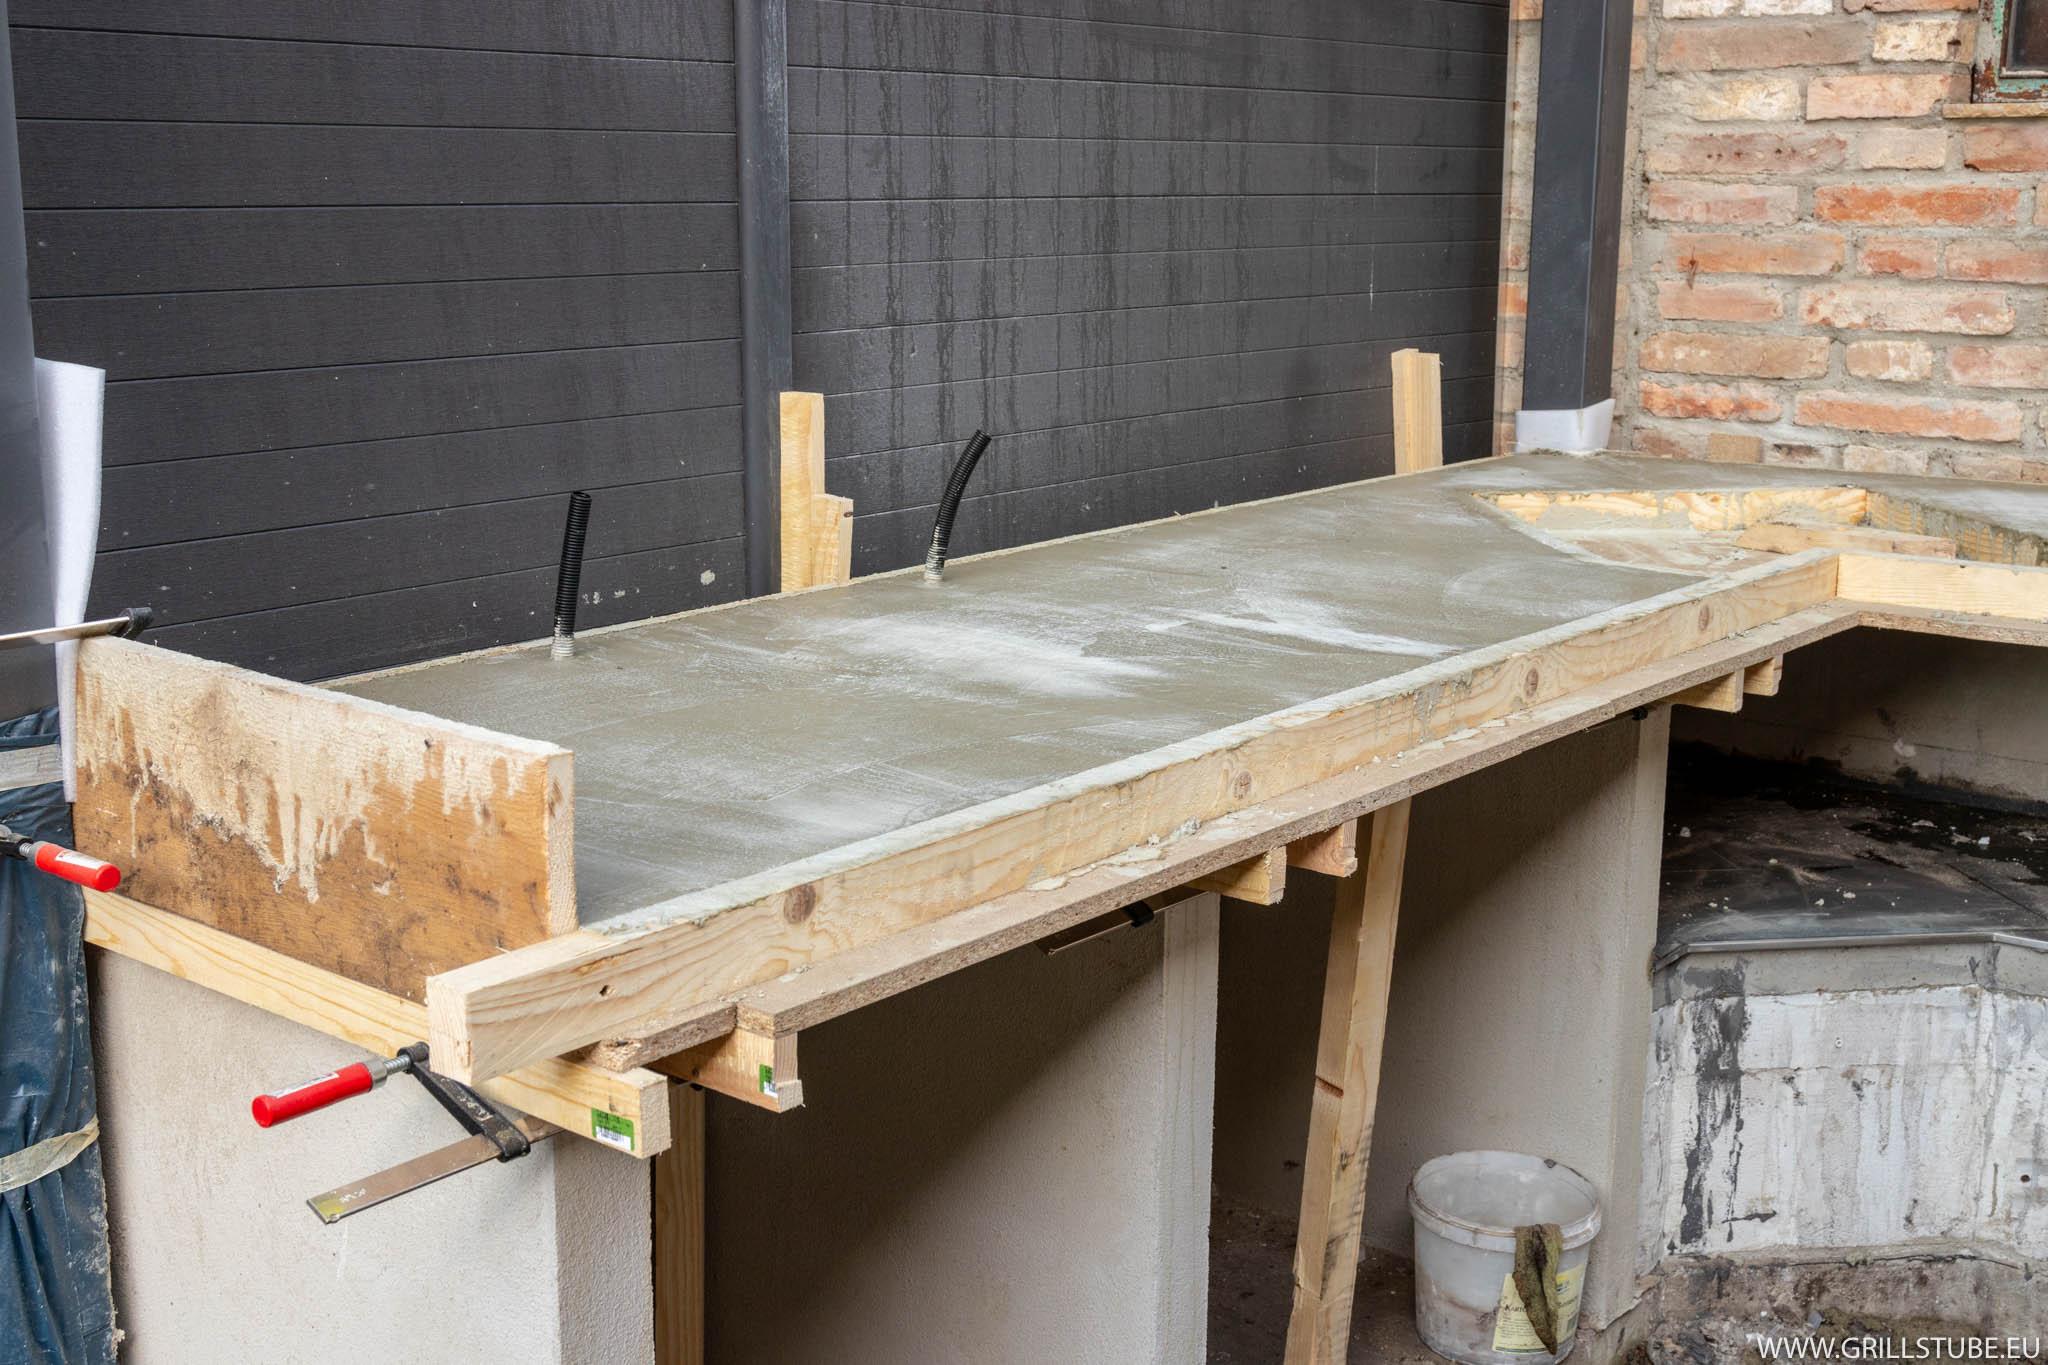 Outdoorküche: Betonieren der Arbeitsplatte | Andys Grillstube 2.0